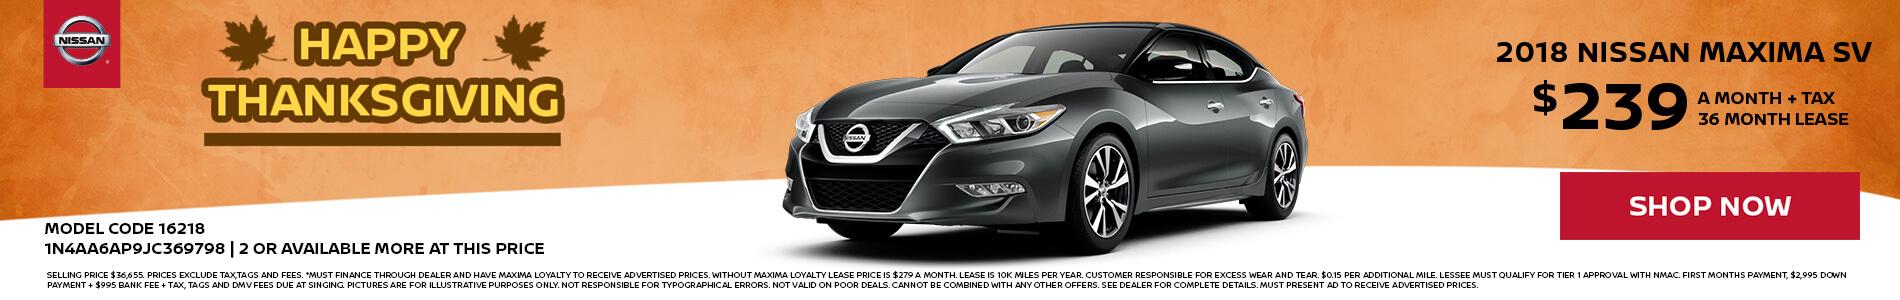 Nissan Maxima $239 Lease